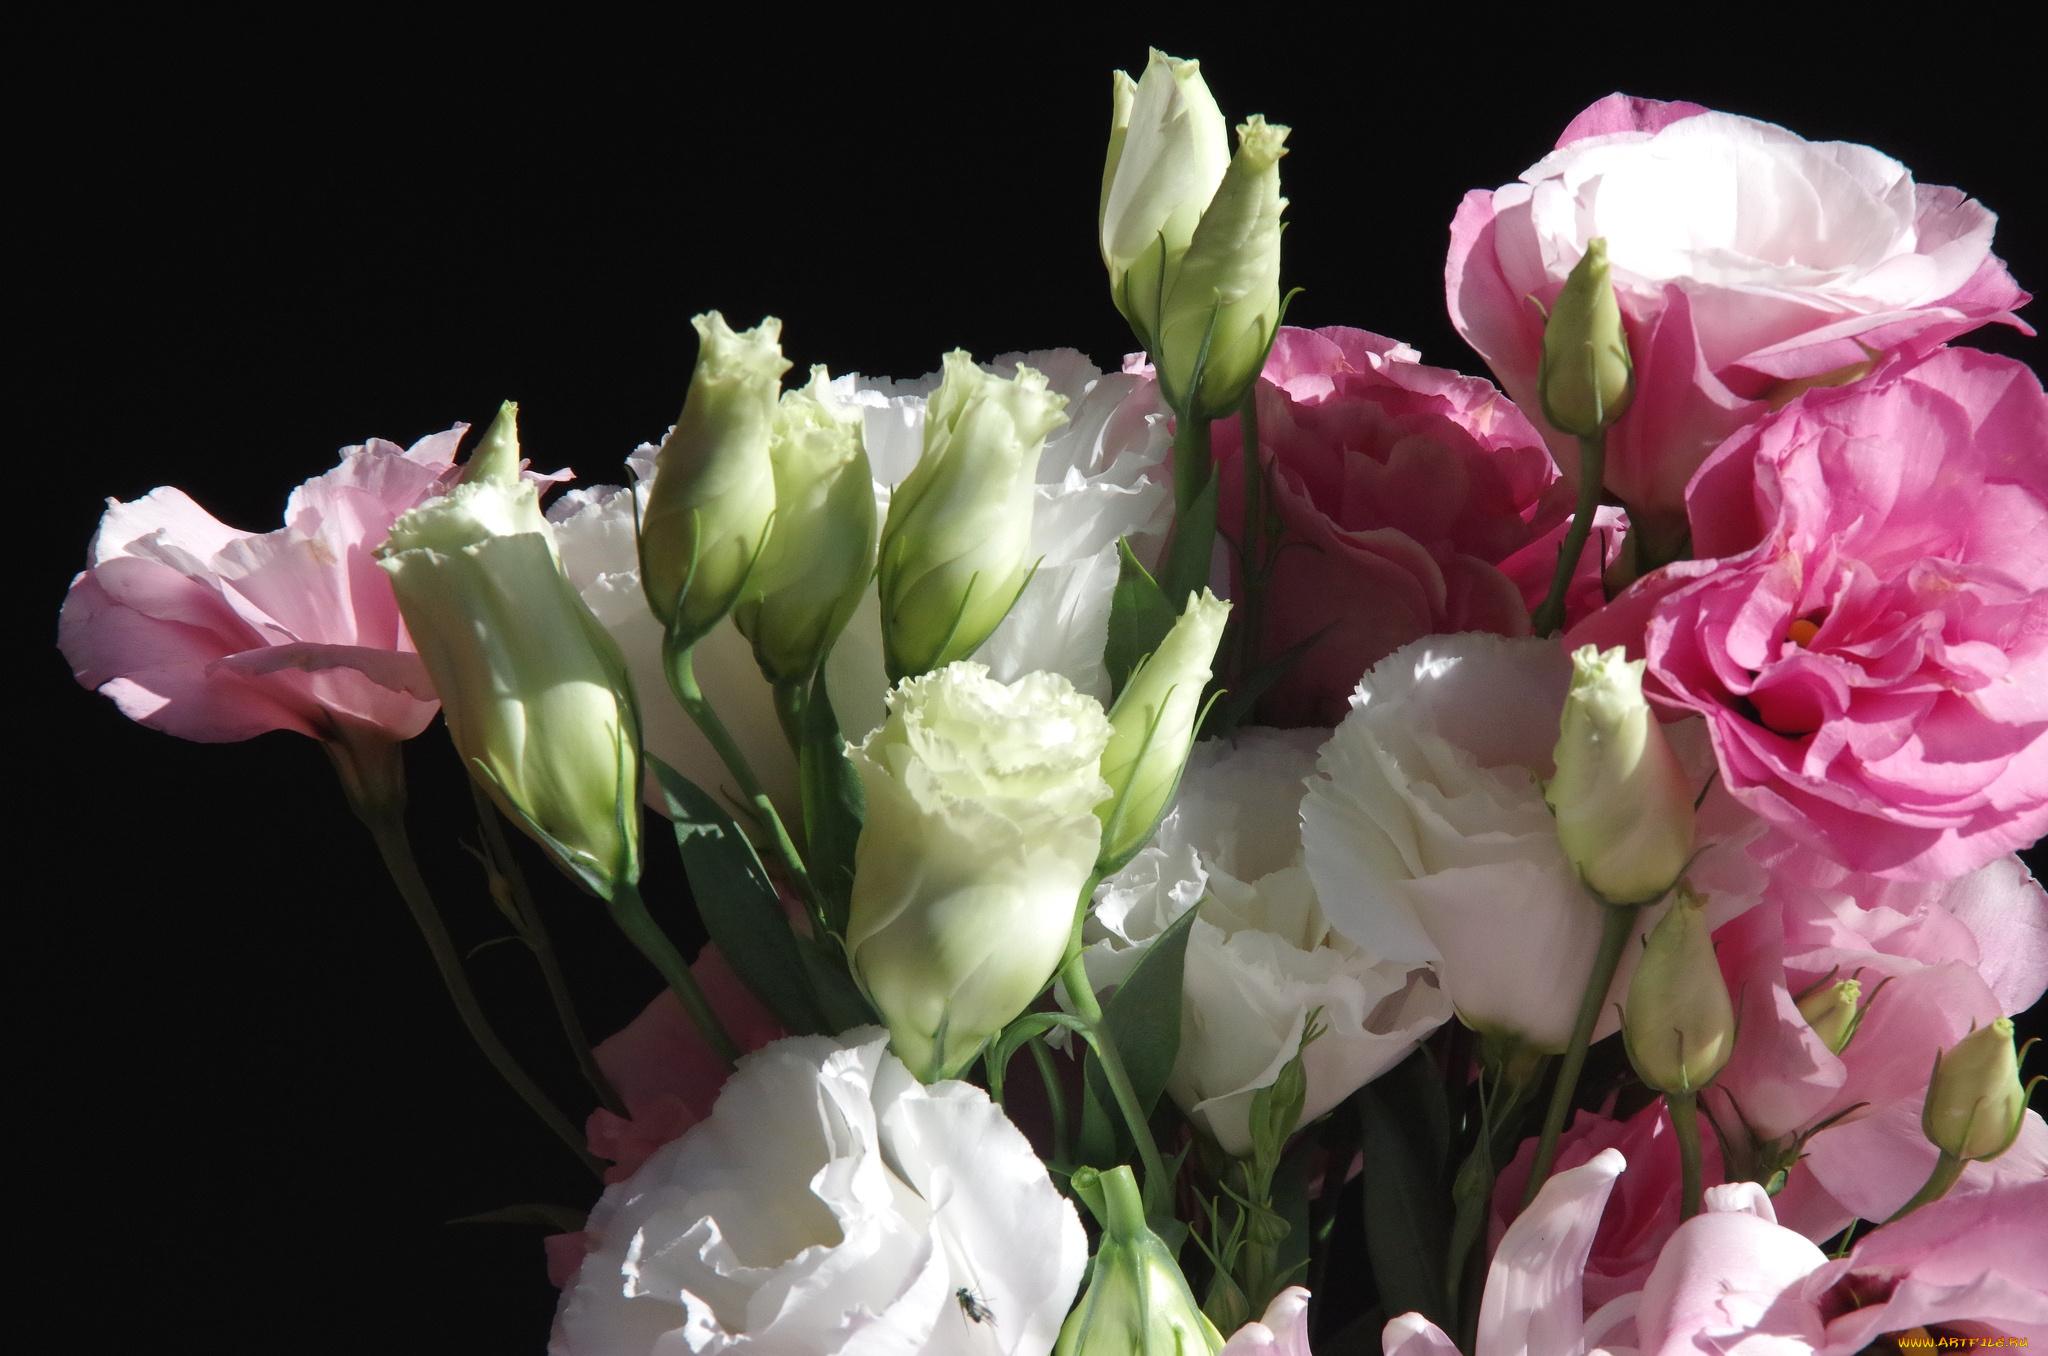 обои для рабочего стола эустома цветы № 634116 бесплатно